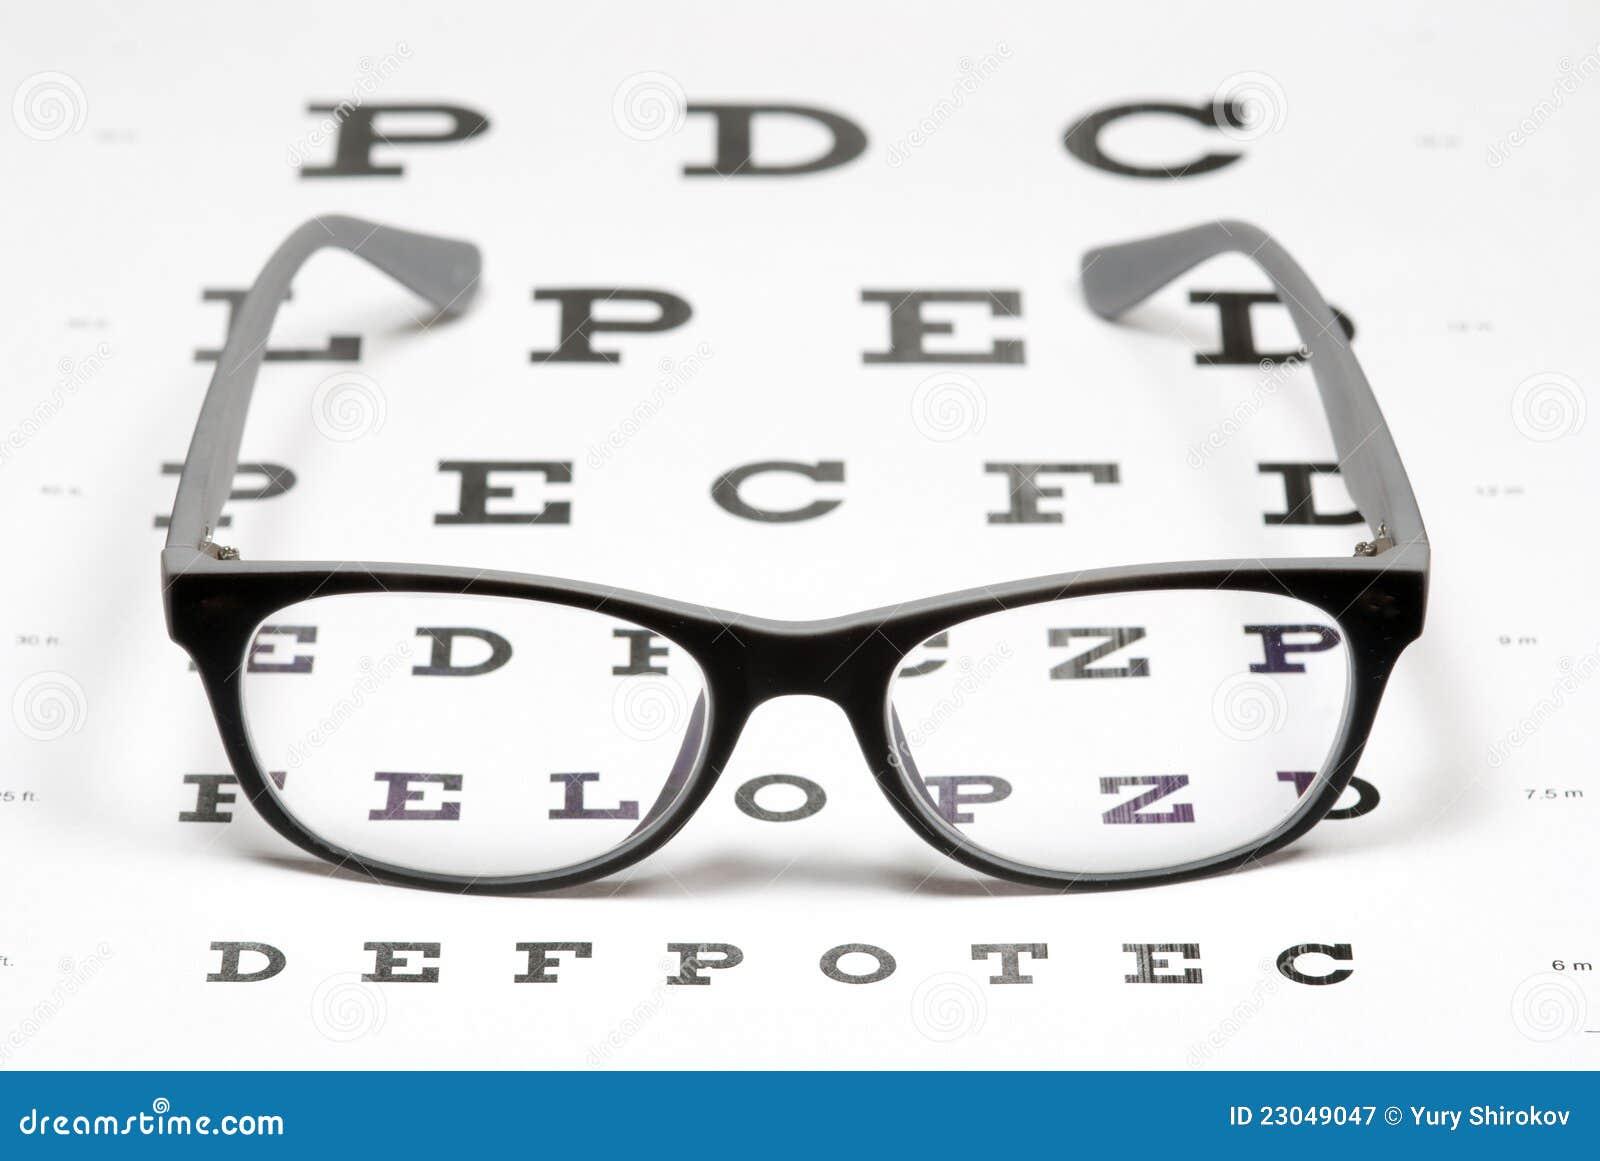 glasses on eye chart stock image image of examination